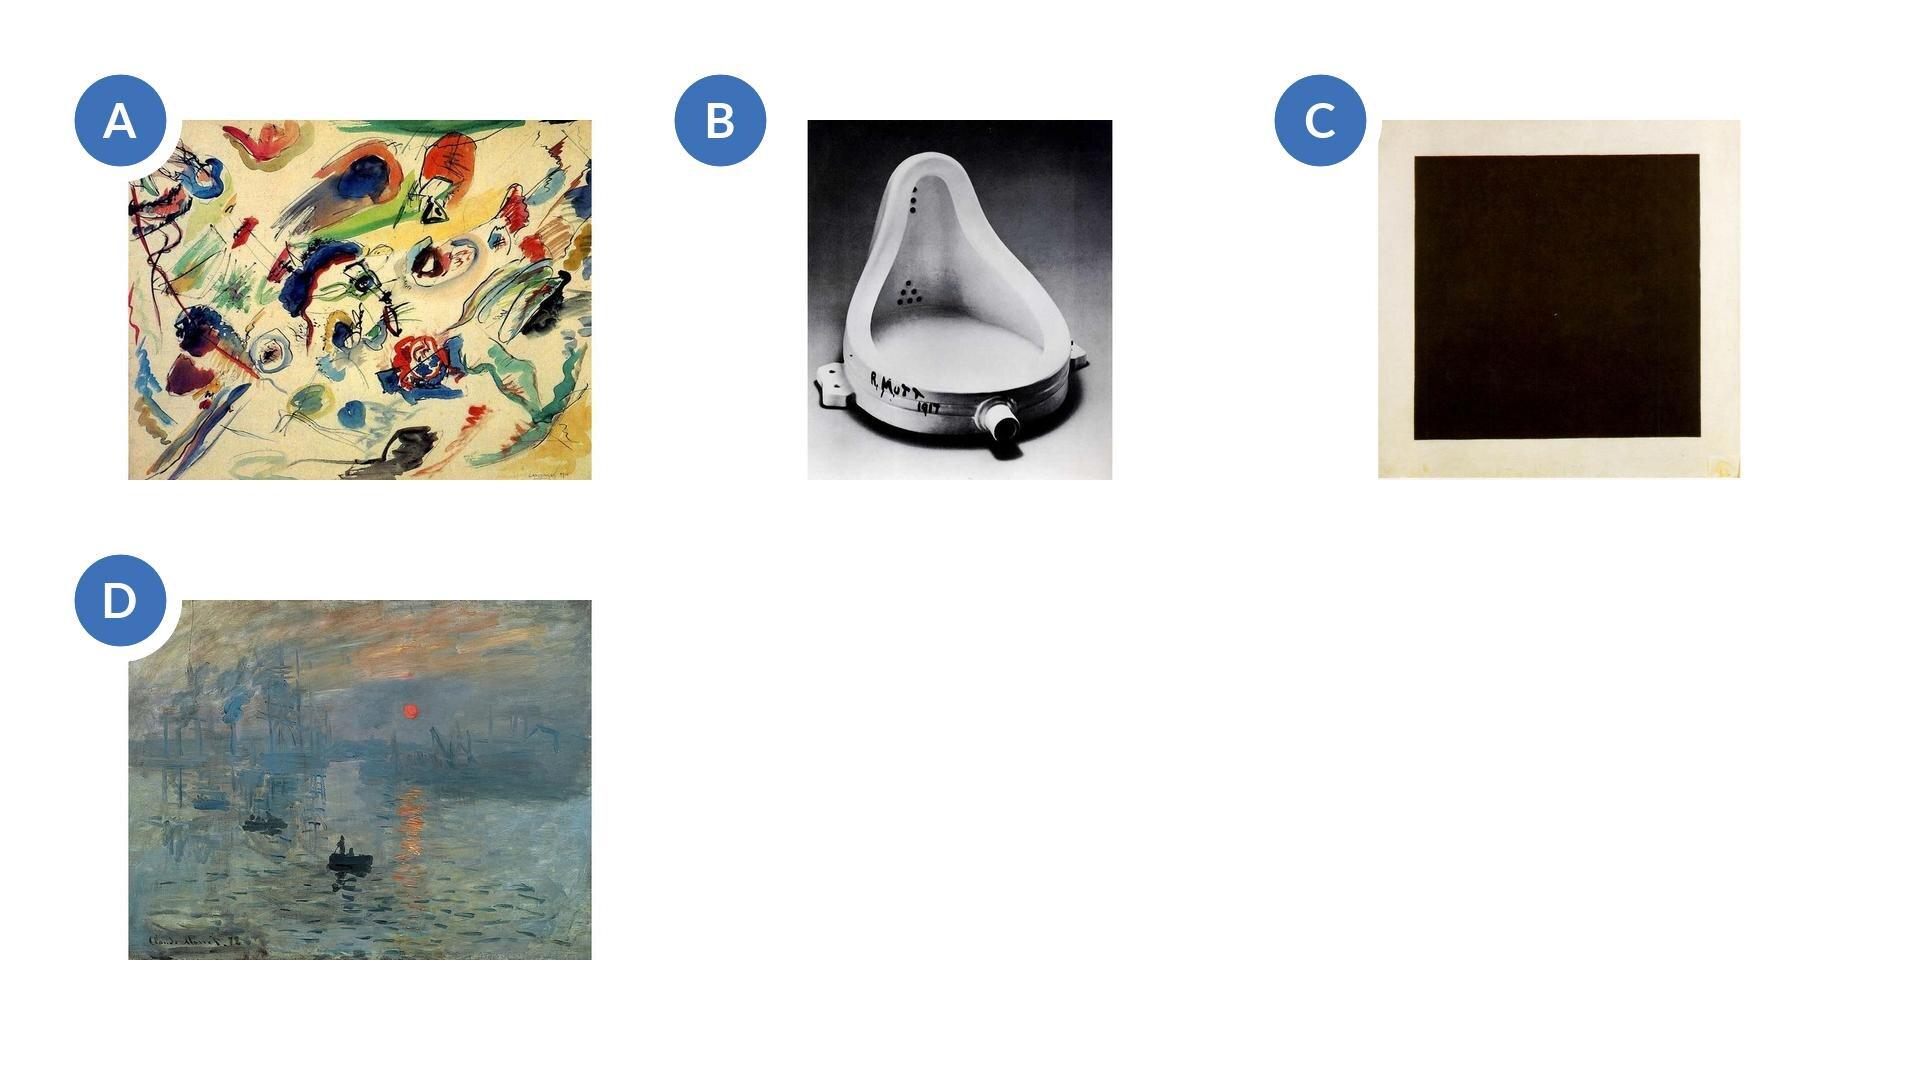 A. Wassily Kandinsky, bez tytułu (Pierwsza abstrakcja), 1910, Georges Pompidou Centre, Paryż, Francja B. Marcel Duchamp, Fontanna, 1917, Tate Modern, Londyn, Wielka Brytania D. Claude Monet, Impresja, wschód słońca, 1872, Musée Marmottan Monet, Paryż, Francja